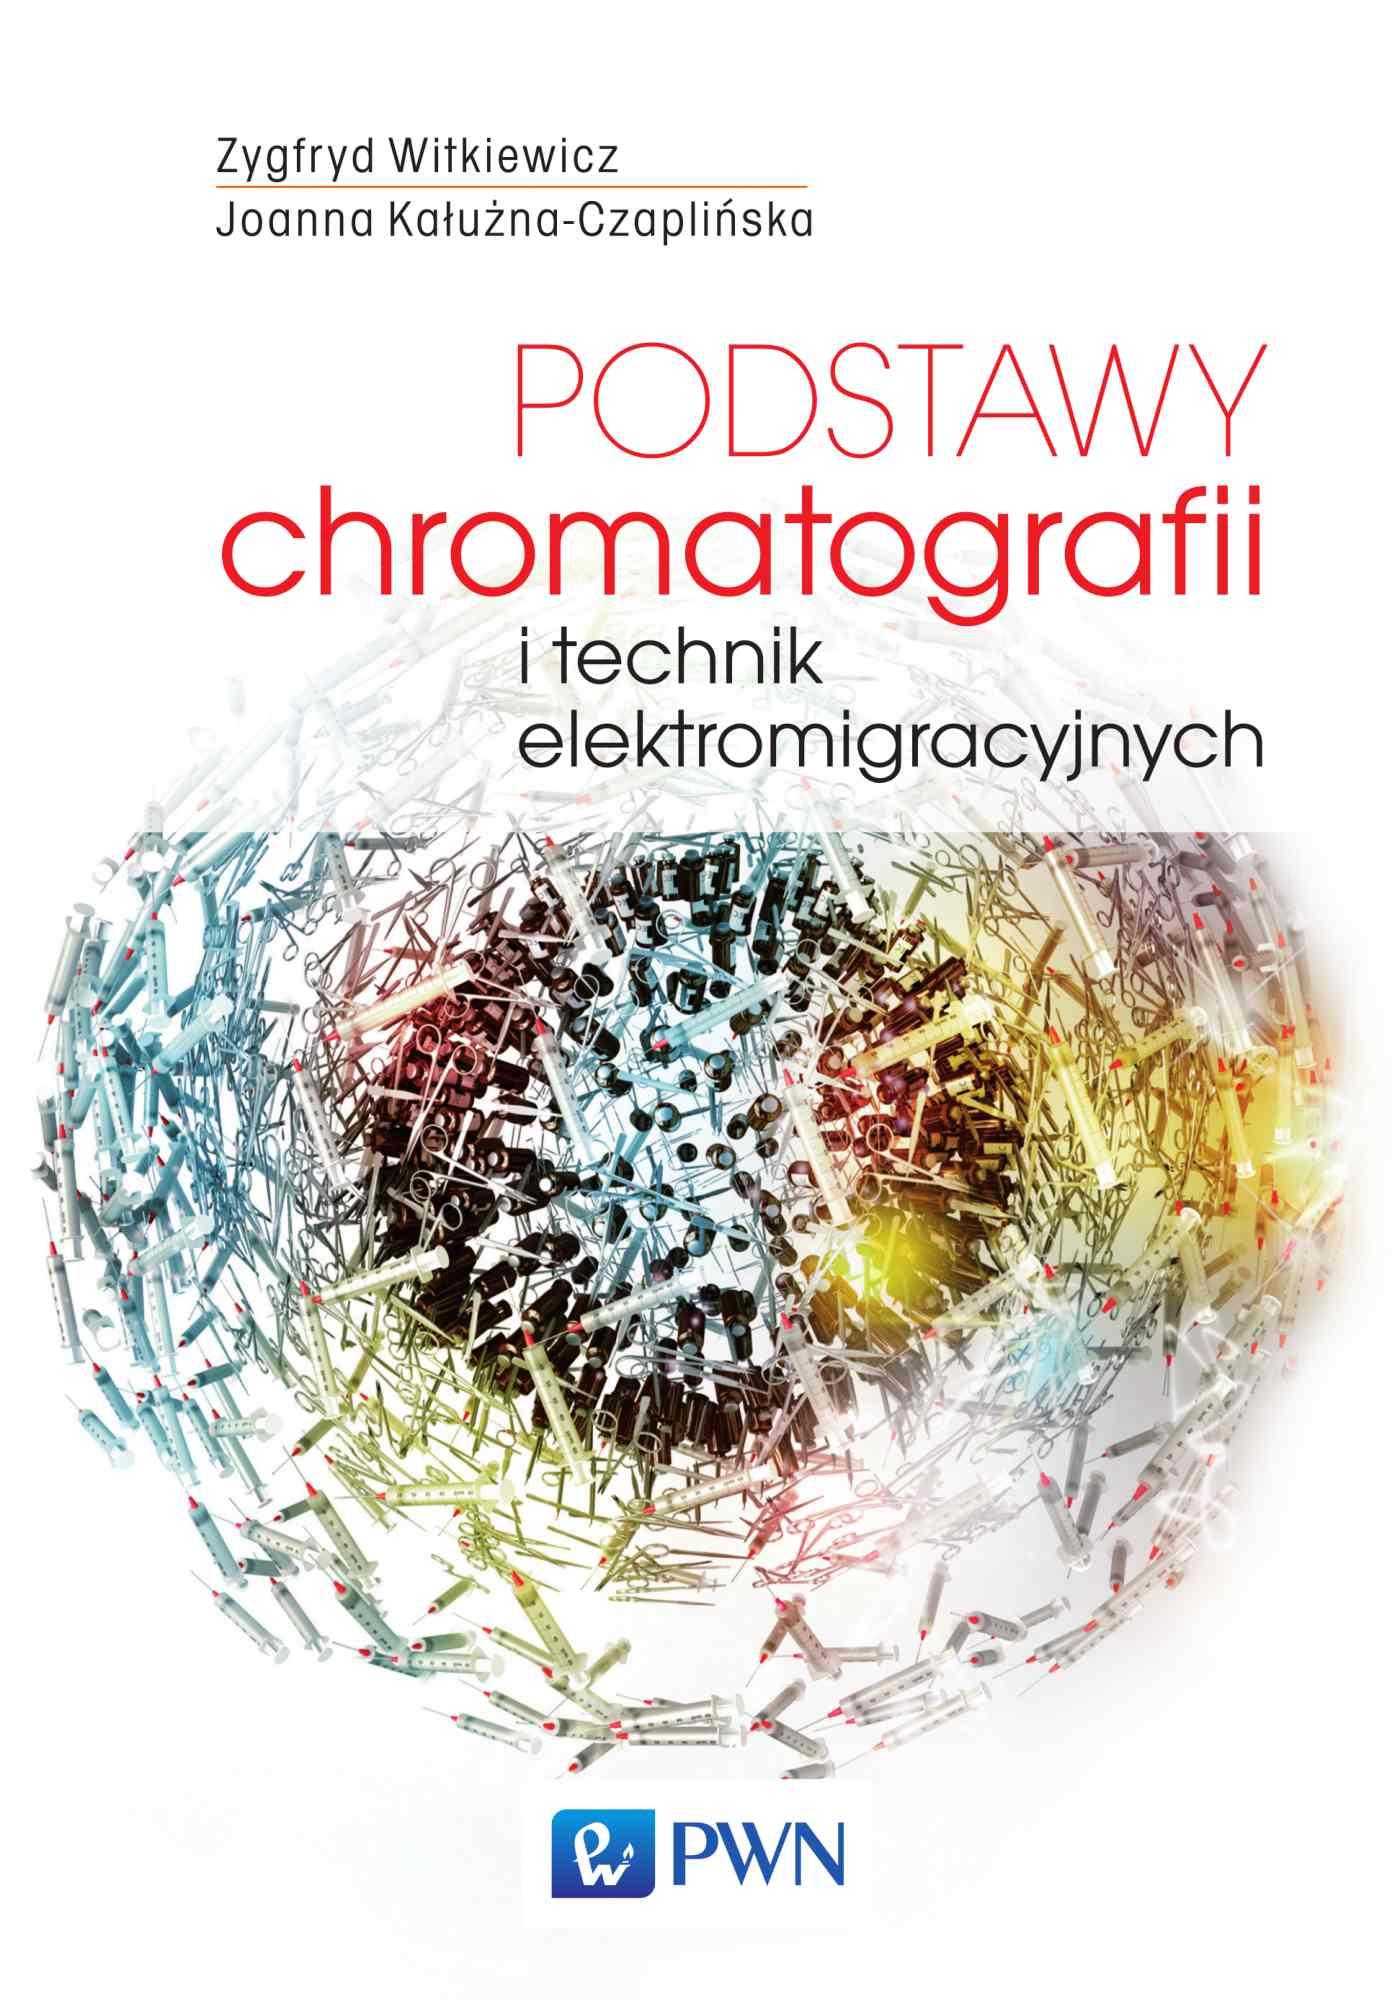 Podstawy chromatografii i technik elektromigracyjnych - Ebook (Książka EPUB) do pobrania w formacie EPUB